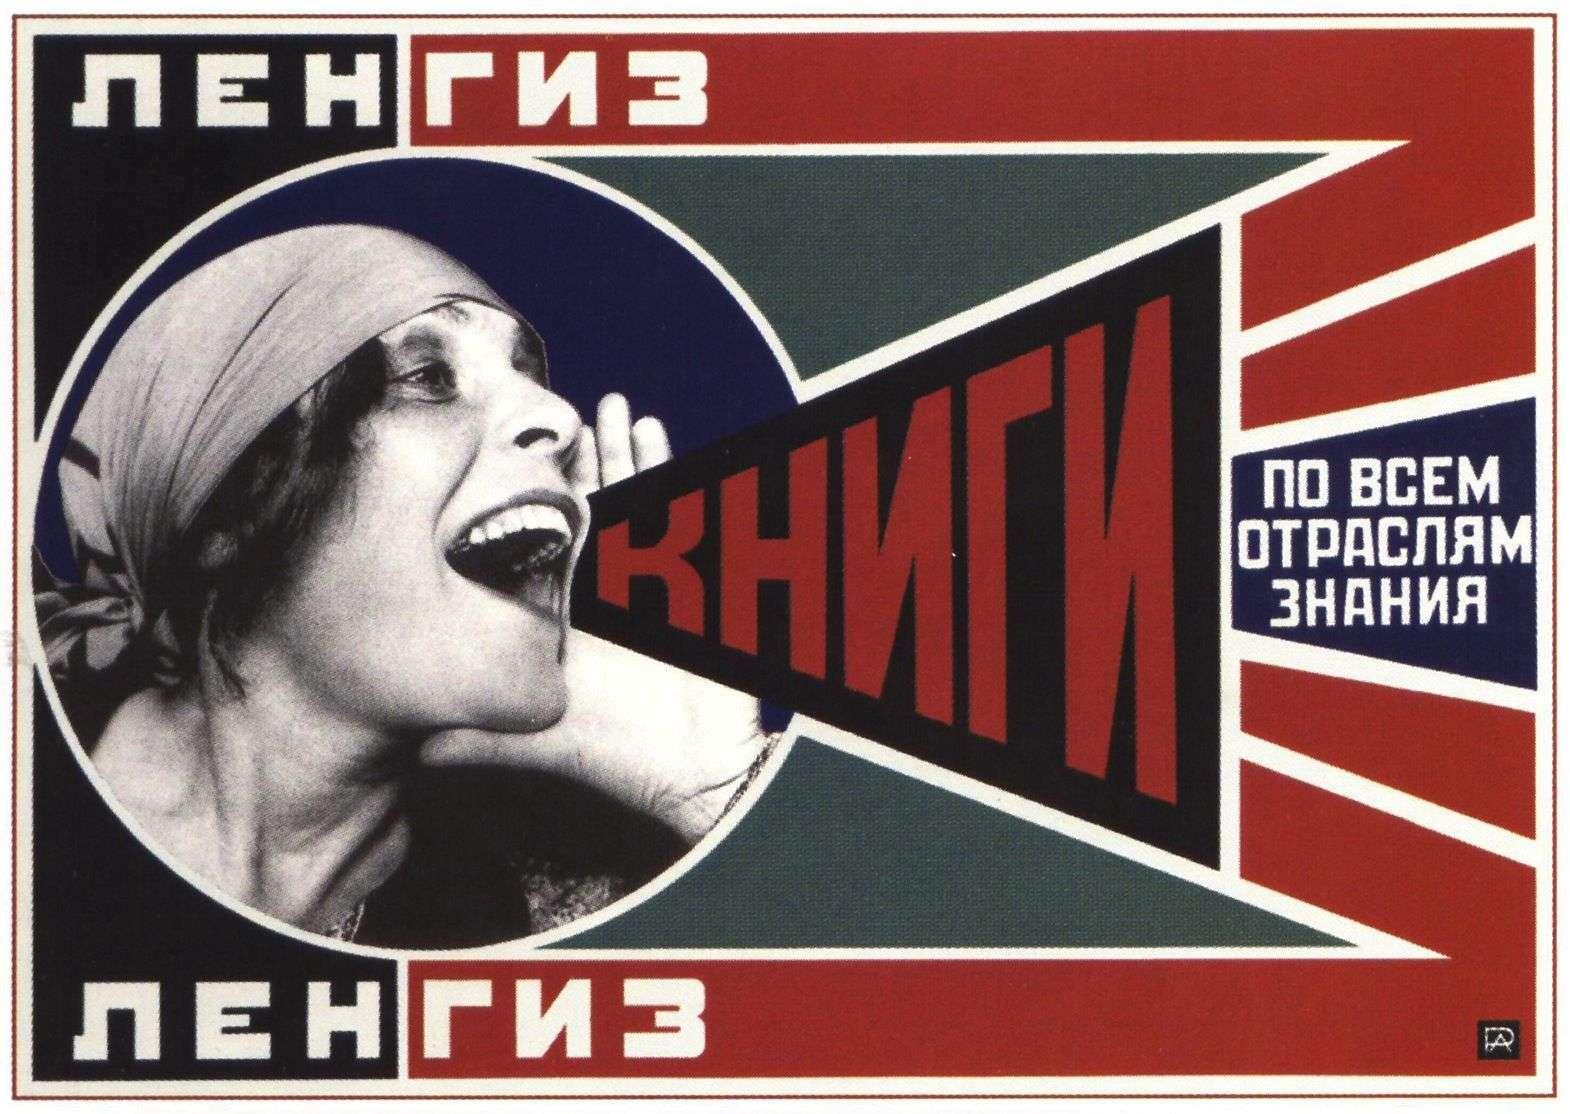 Η περίφημη αφίσα του Ροντσένκο με την Μπρικ